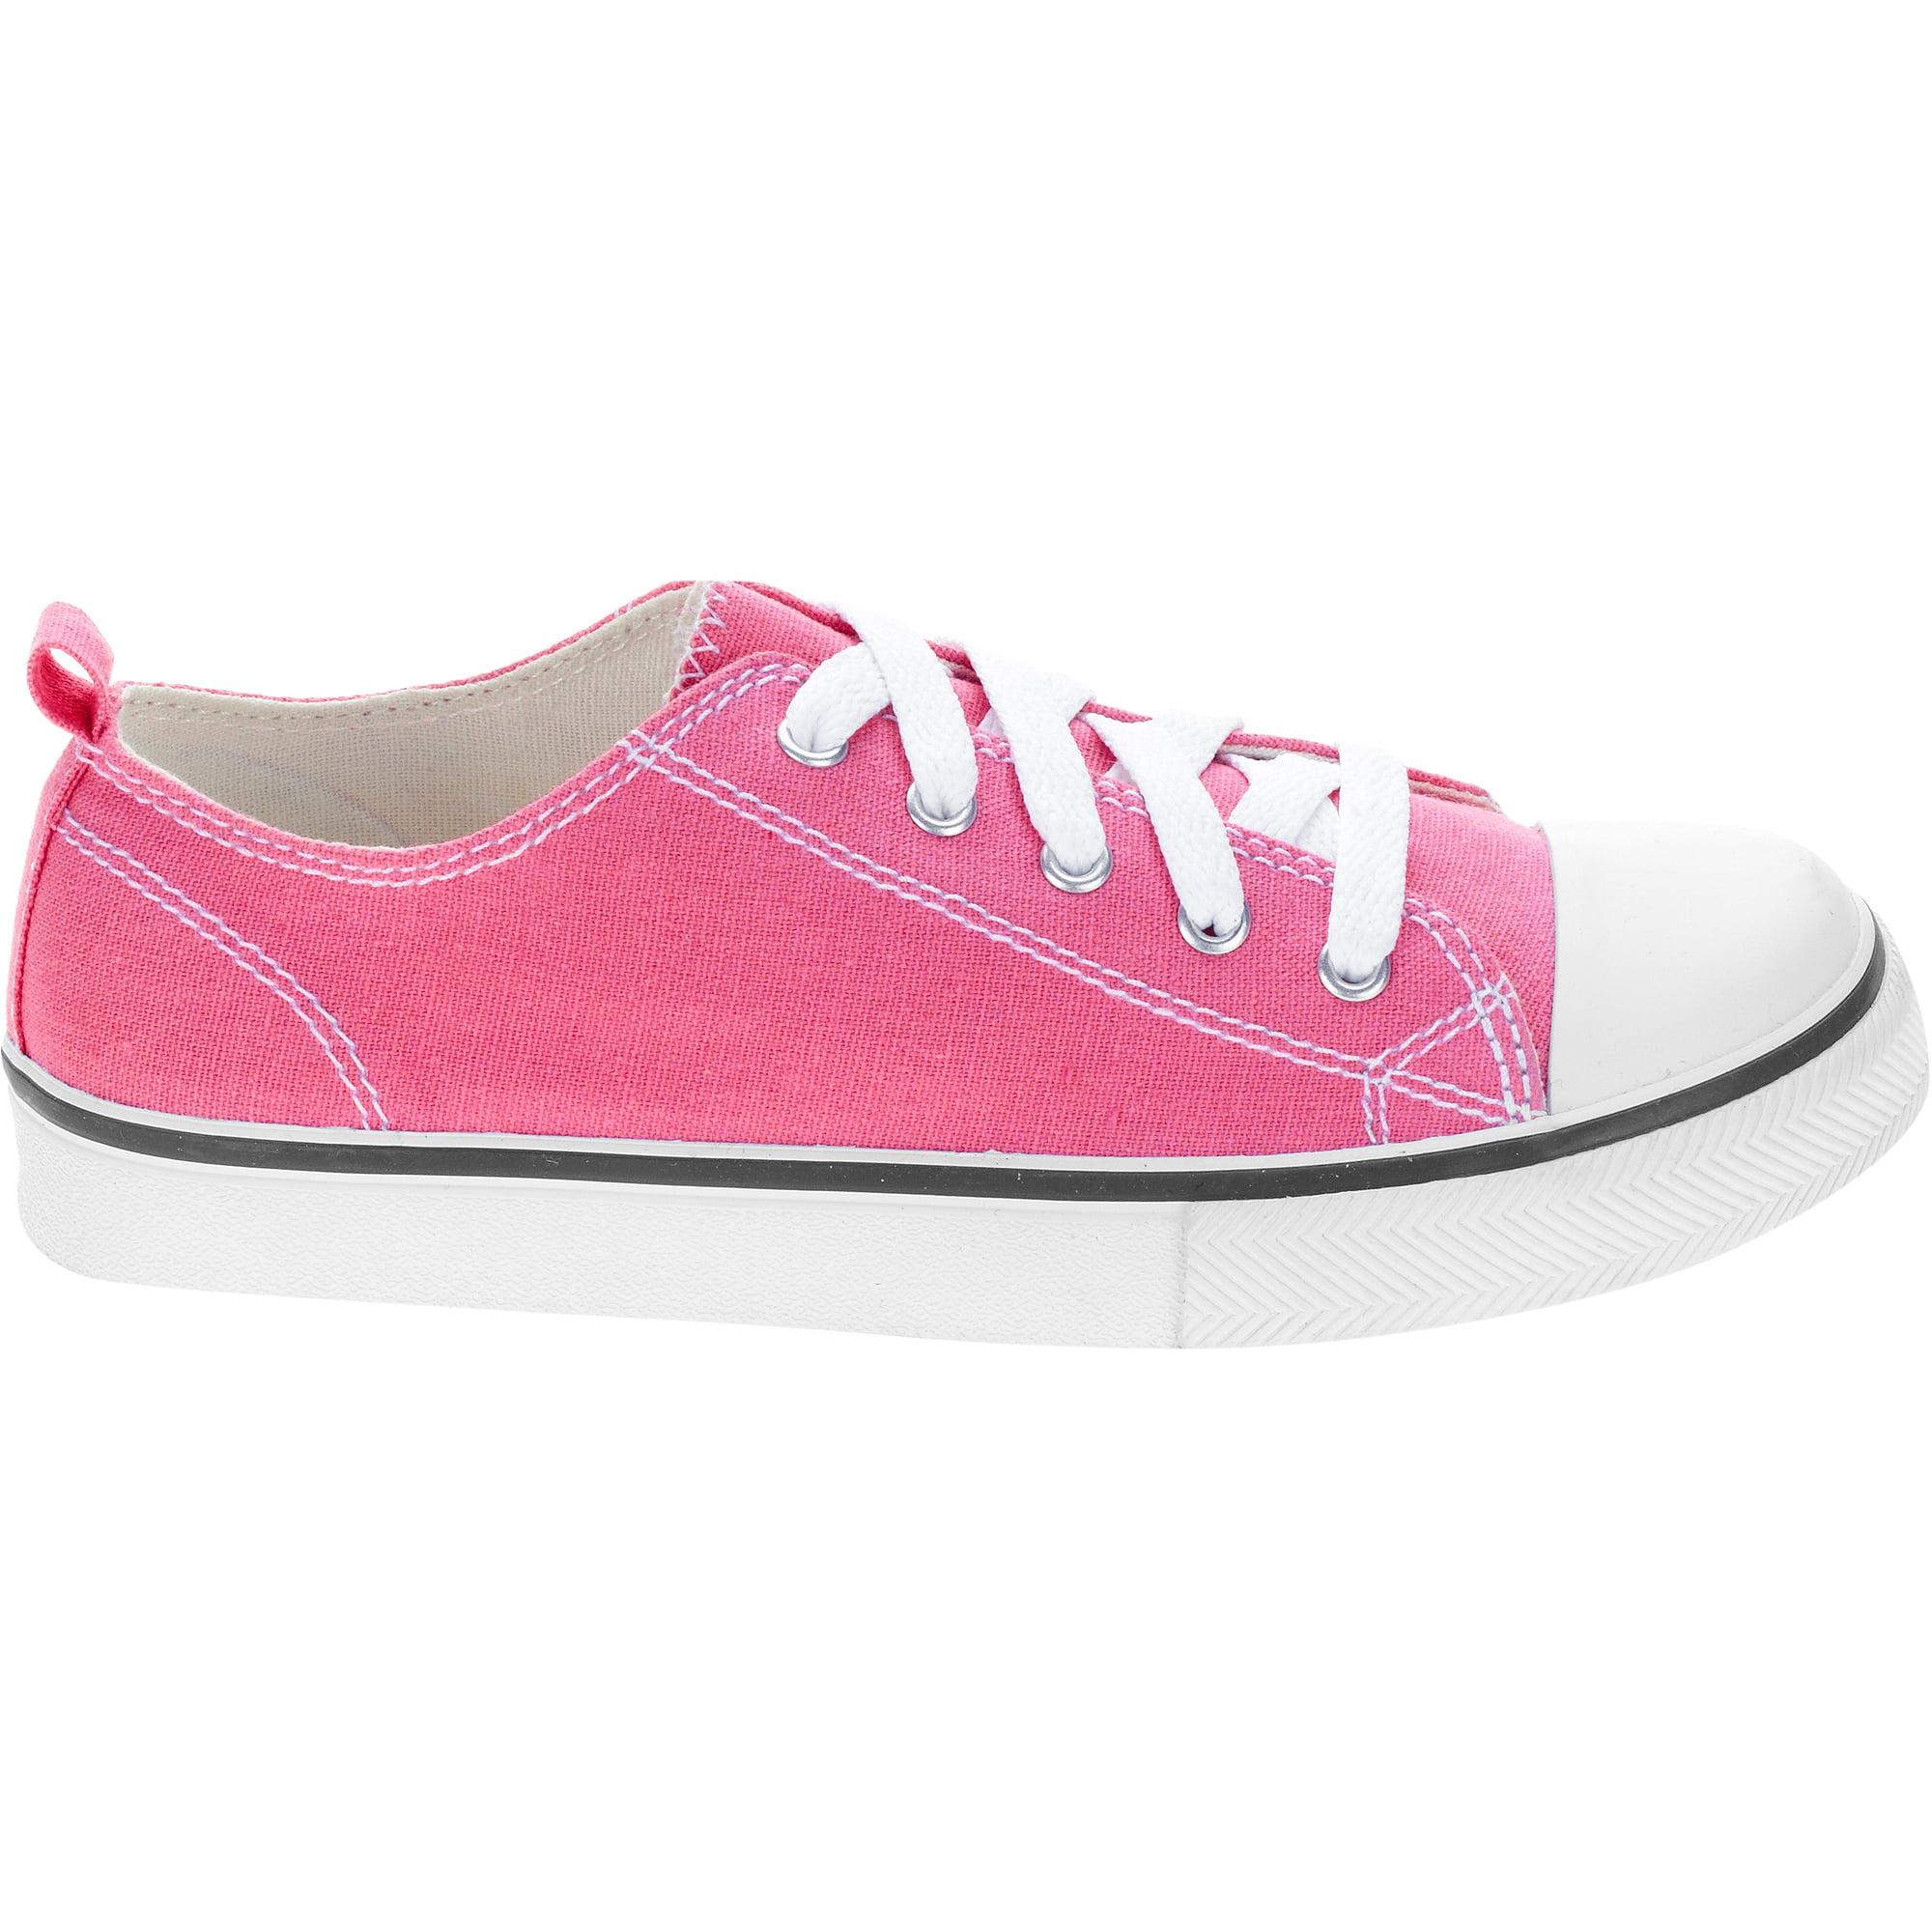 converse shoes at walmart